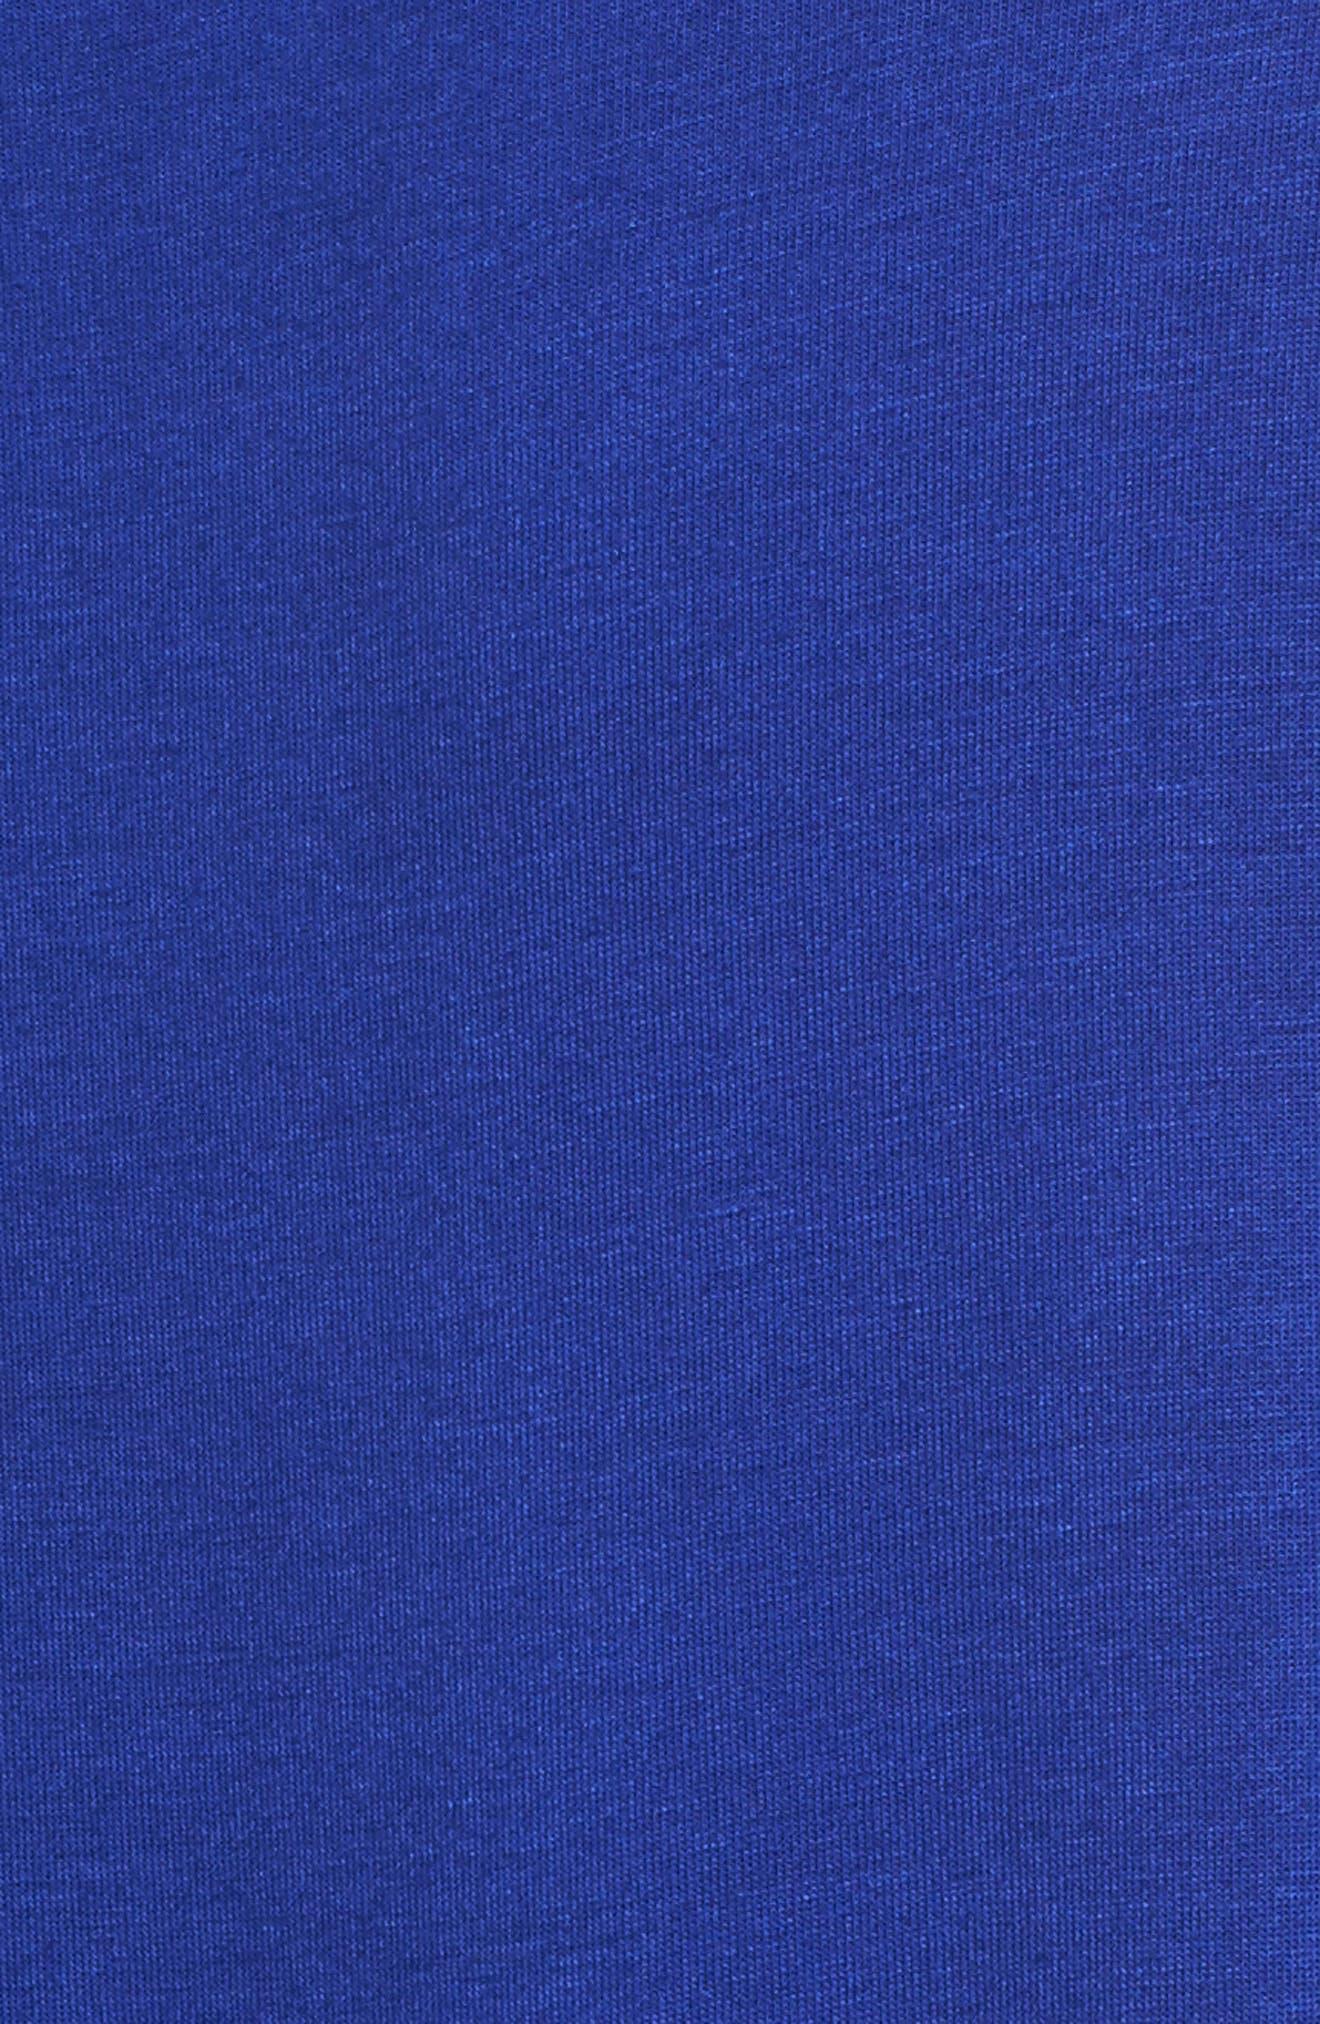 Cold Shoulder Top,                             Alternate thumbnail 5, color,                             Sapphire